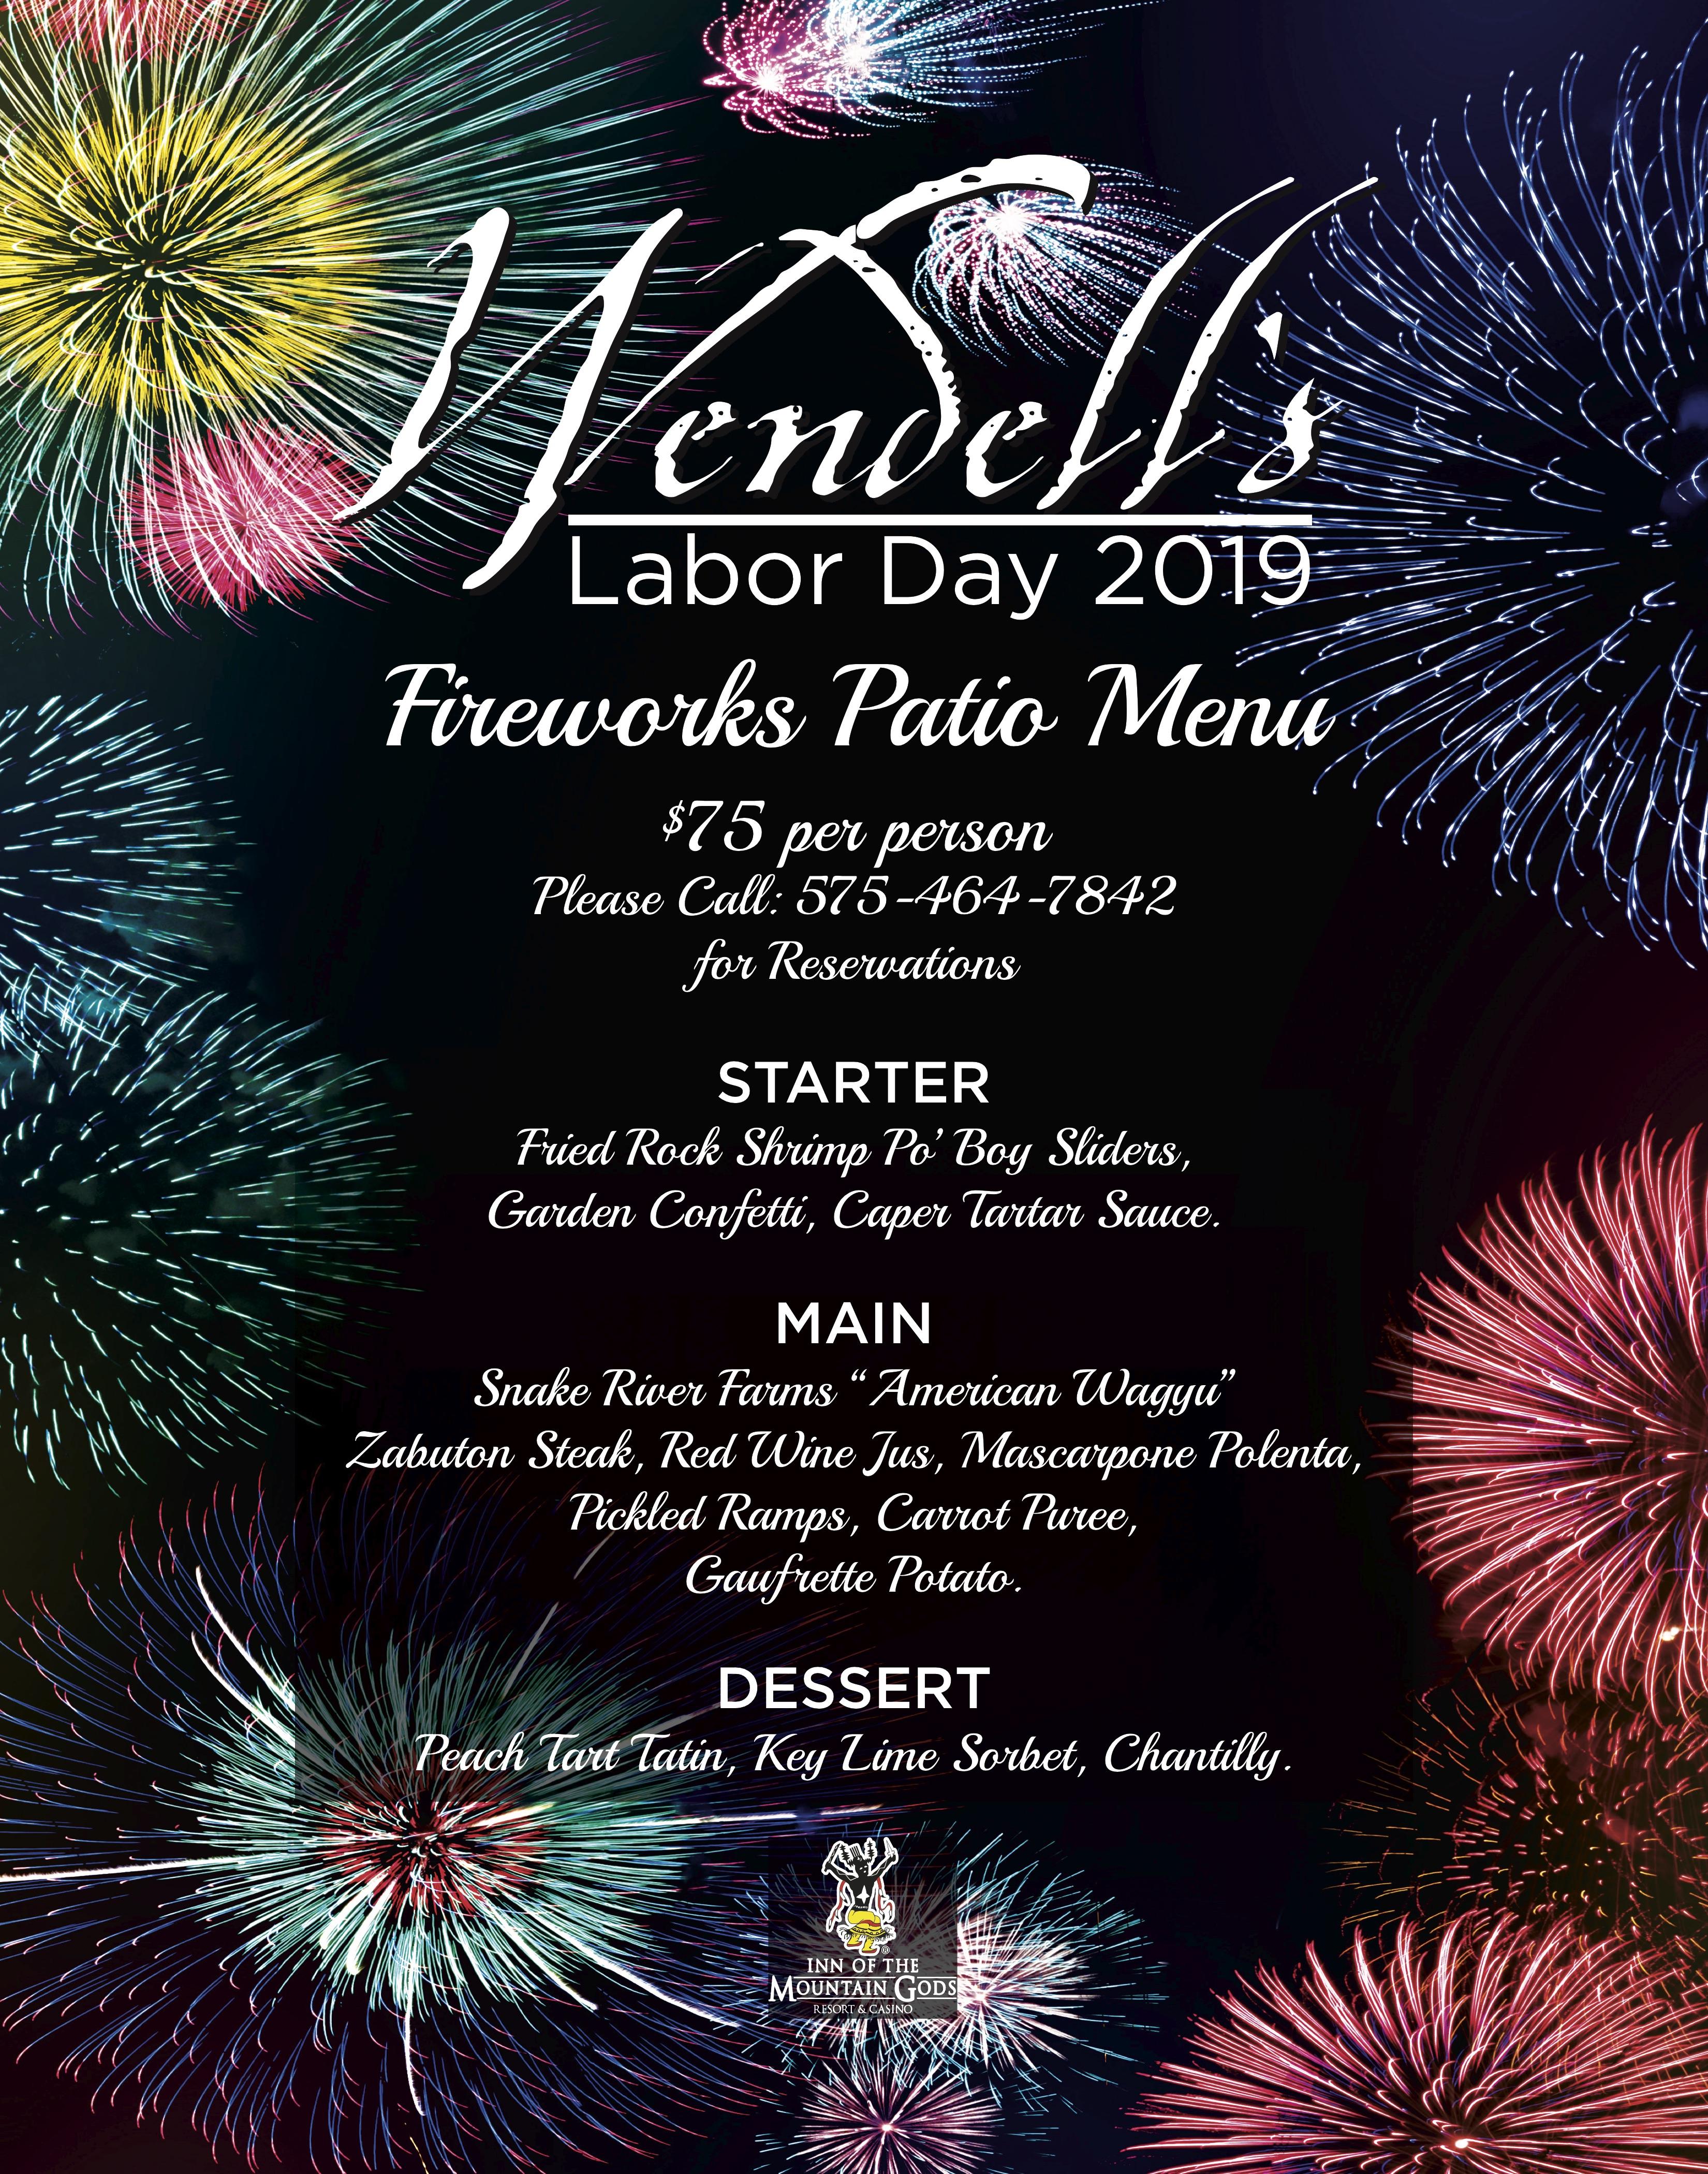 wendells menu